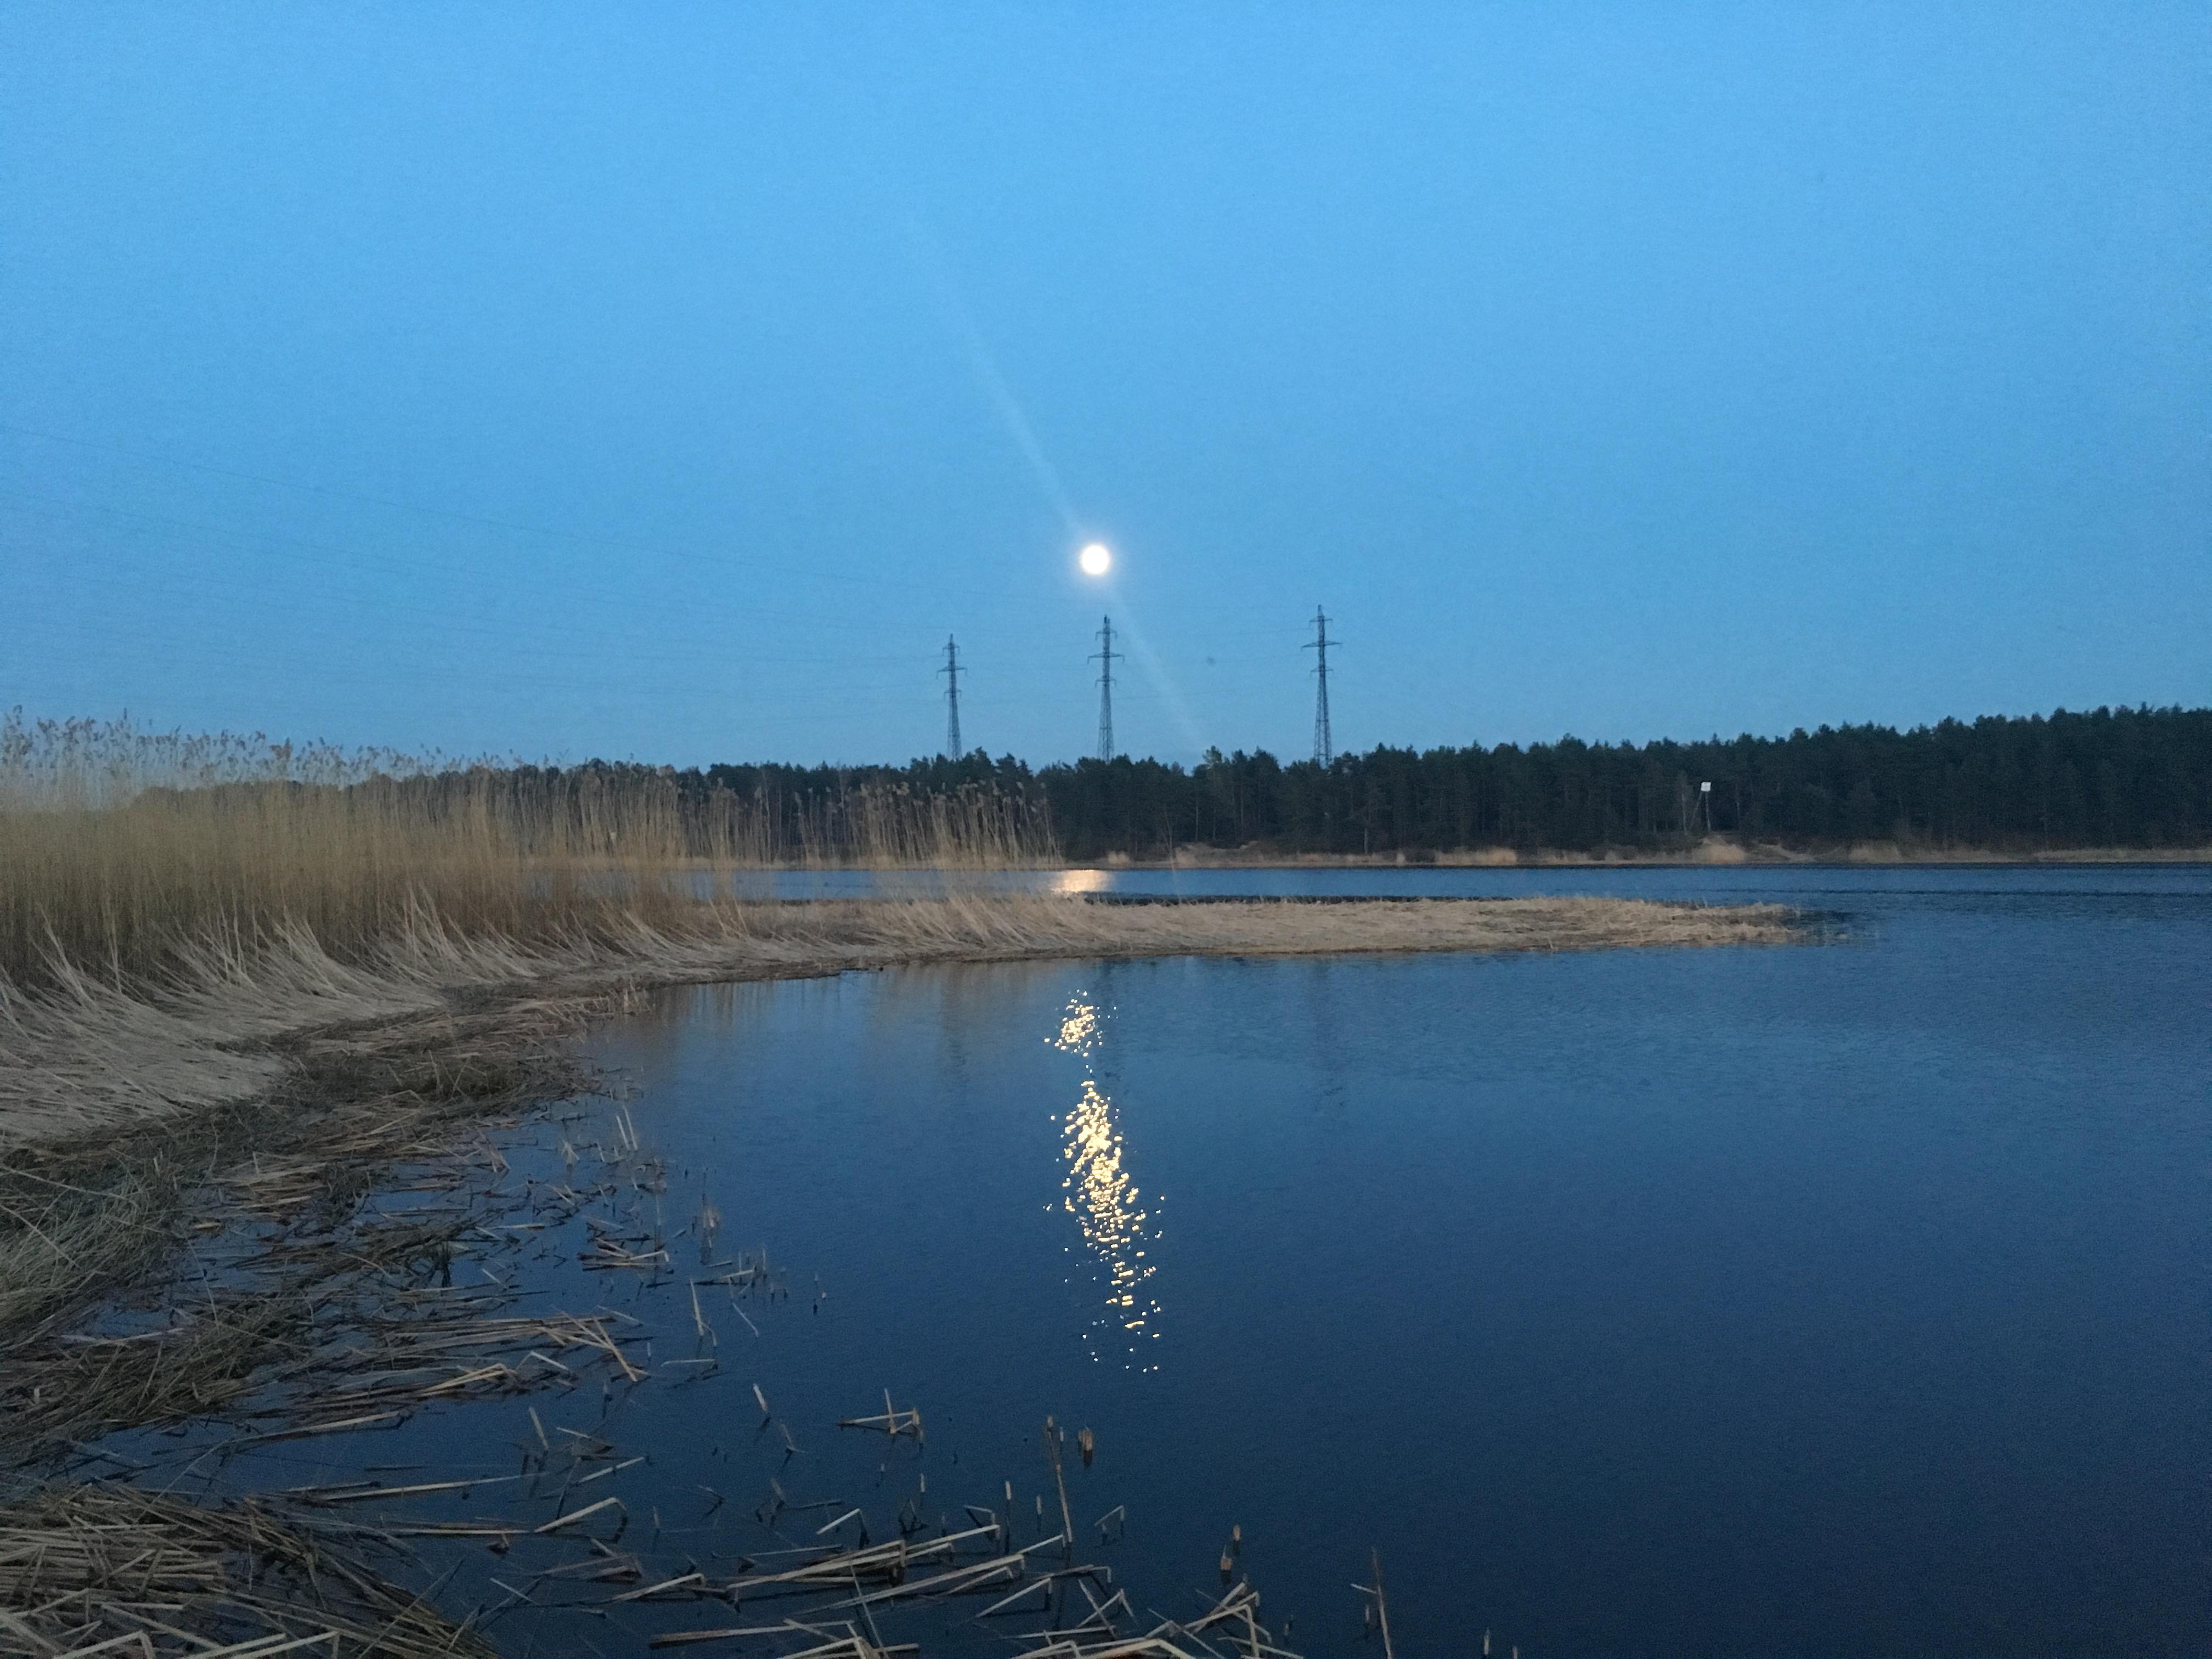 рыбалка Юрмала Латвия река Лиелупе Lilelupe пейзажи природы Альберт Сафиуллин Albert Safiullin